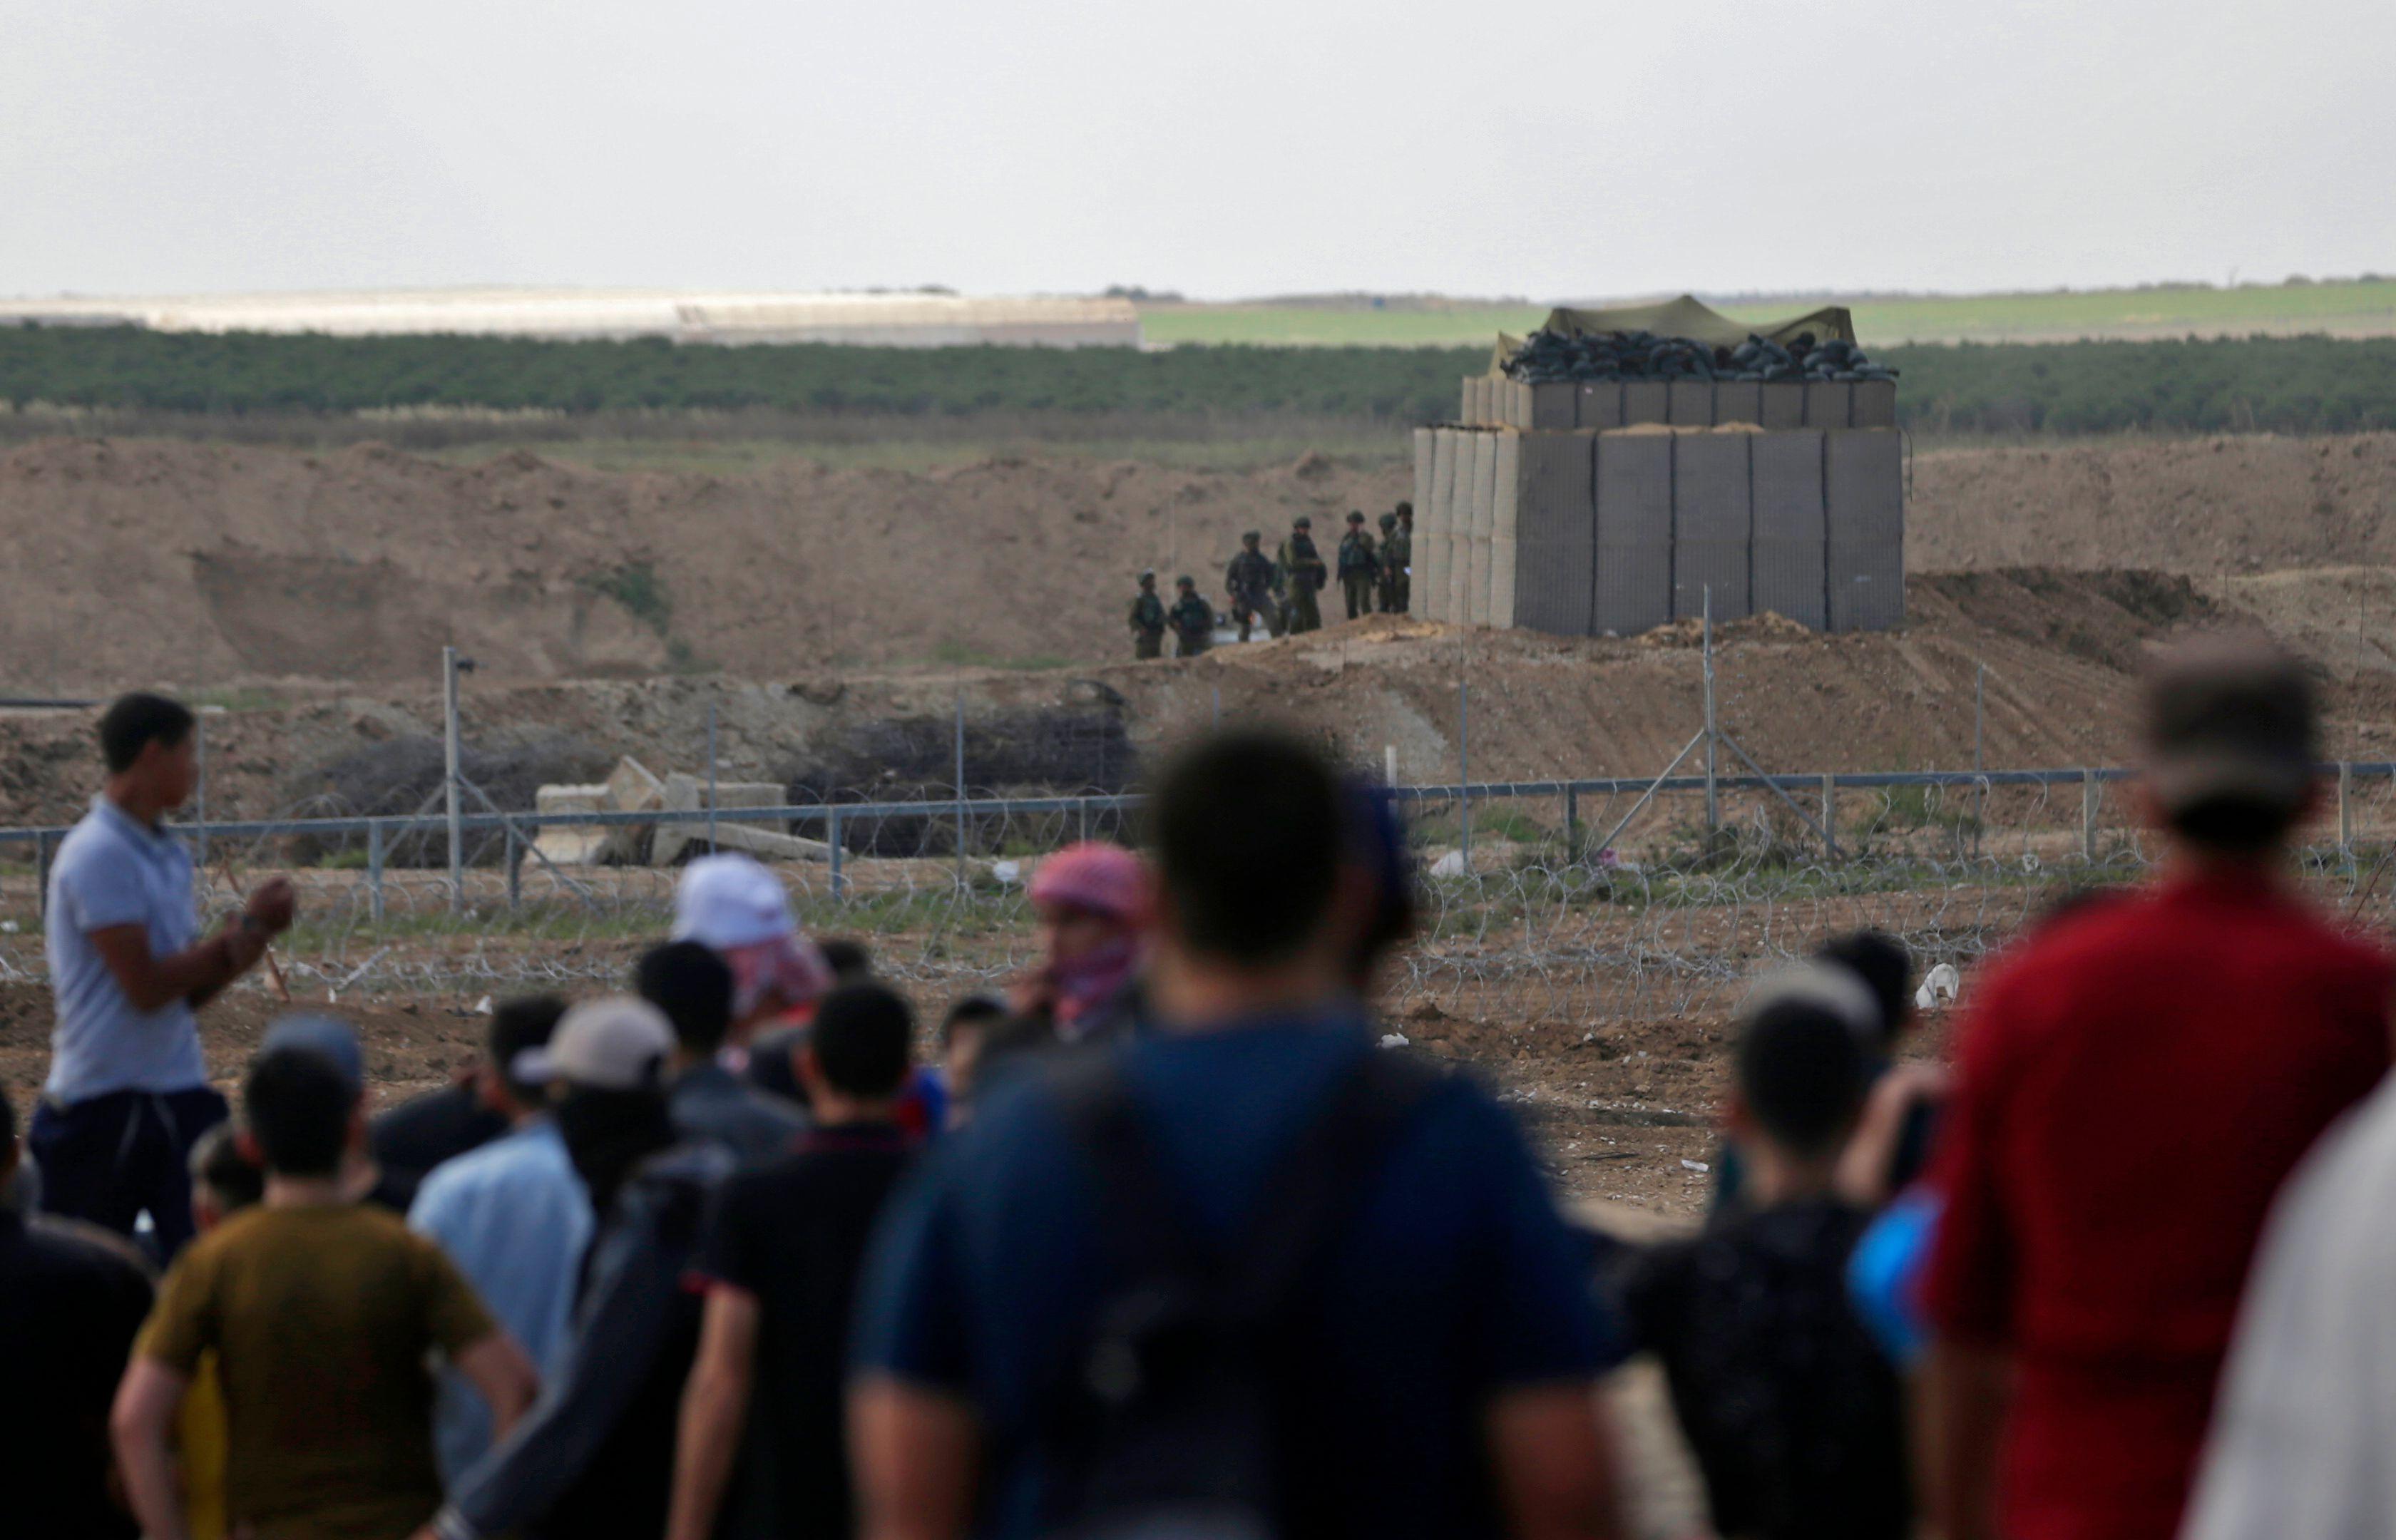 قوات الاحتلال تواجه الفلسطينيين على حدود غزة